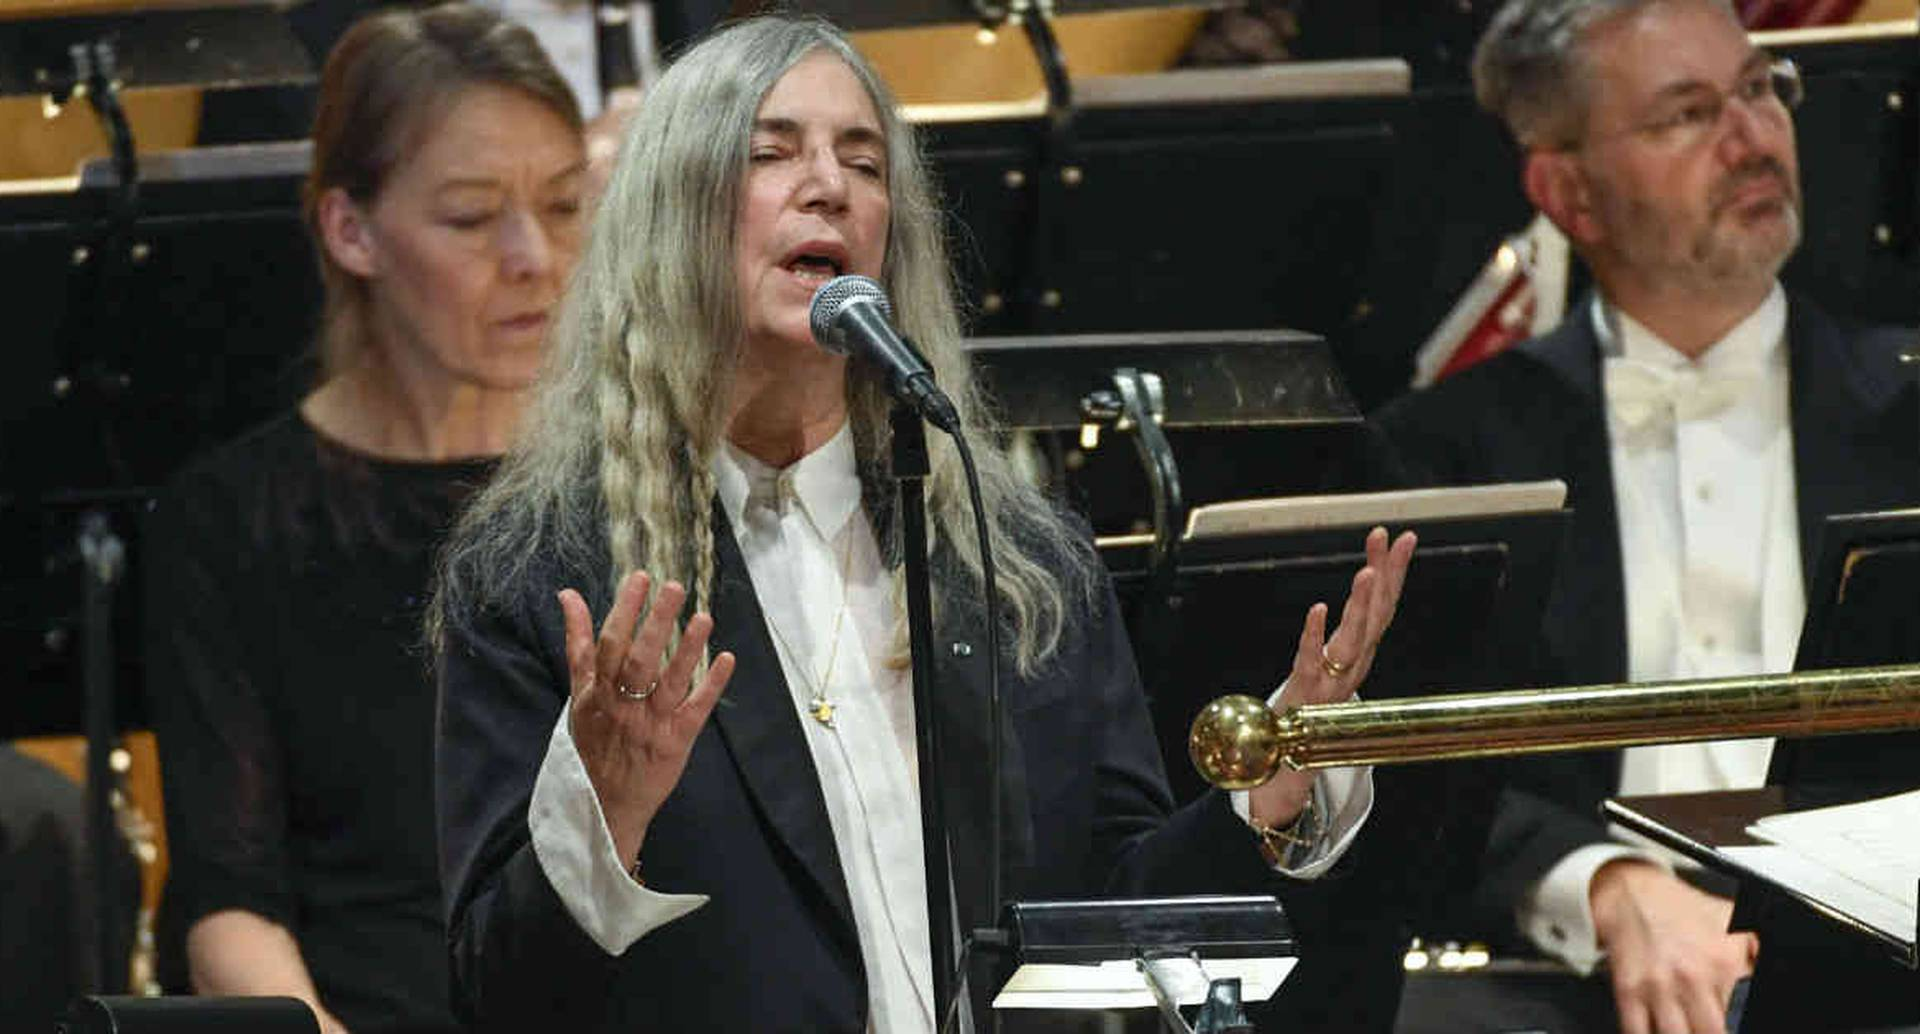 Patti Smith es una poeta y cantautora descrita por varios expertos musicales como una de las artistas más importantes en la escena punk rock.